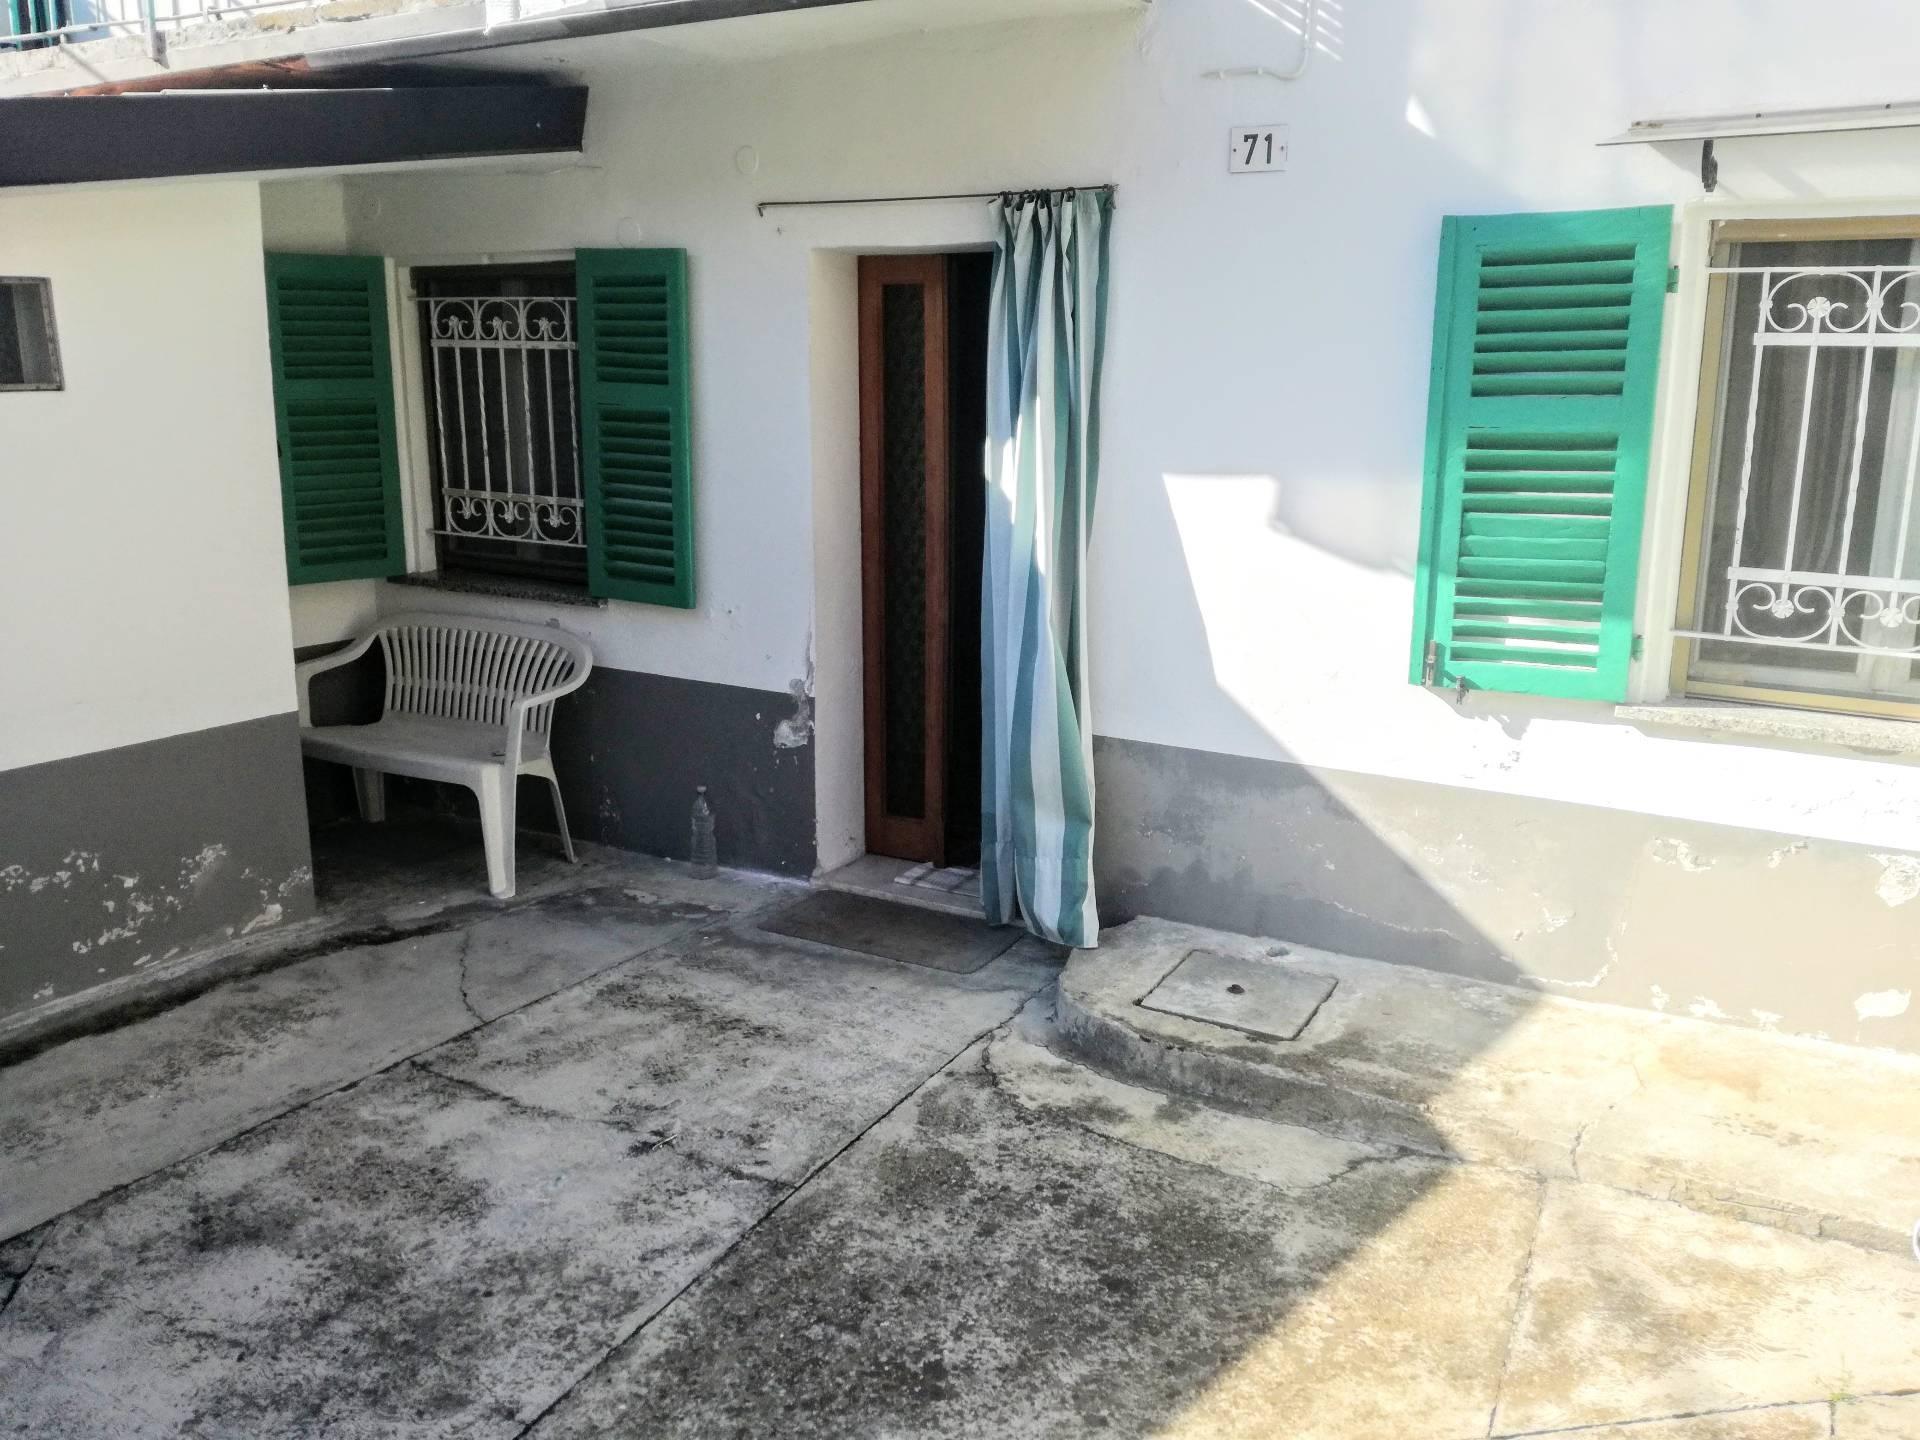 Soluzione Semindipendente in affitto a San Giorgio Monferrato, 4 locali, prezzo € 300 | CambioCasa.it